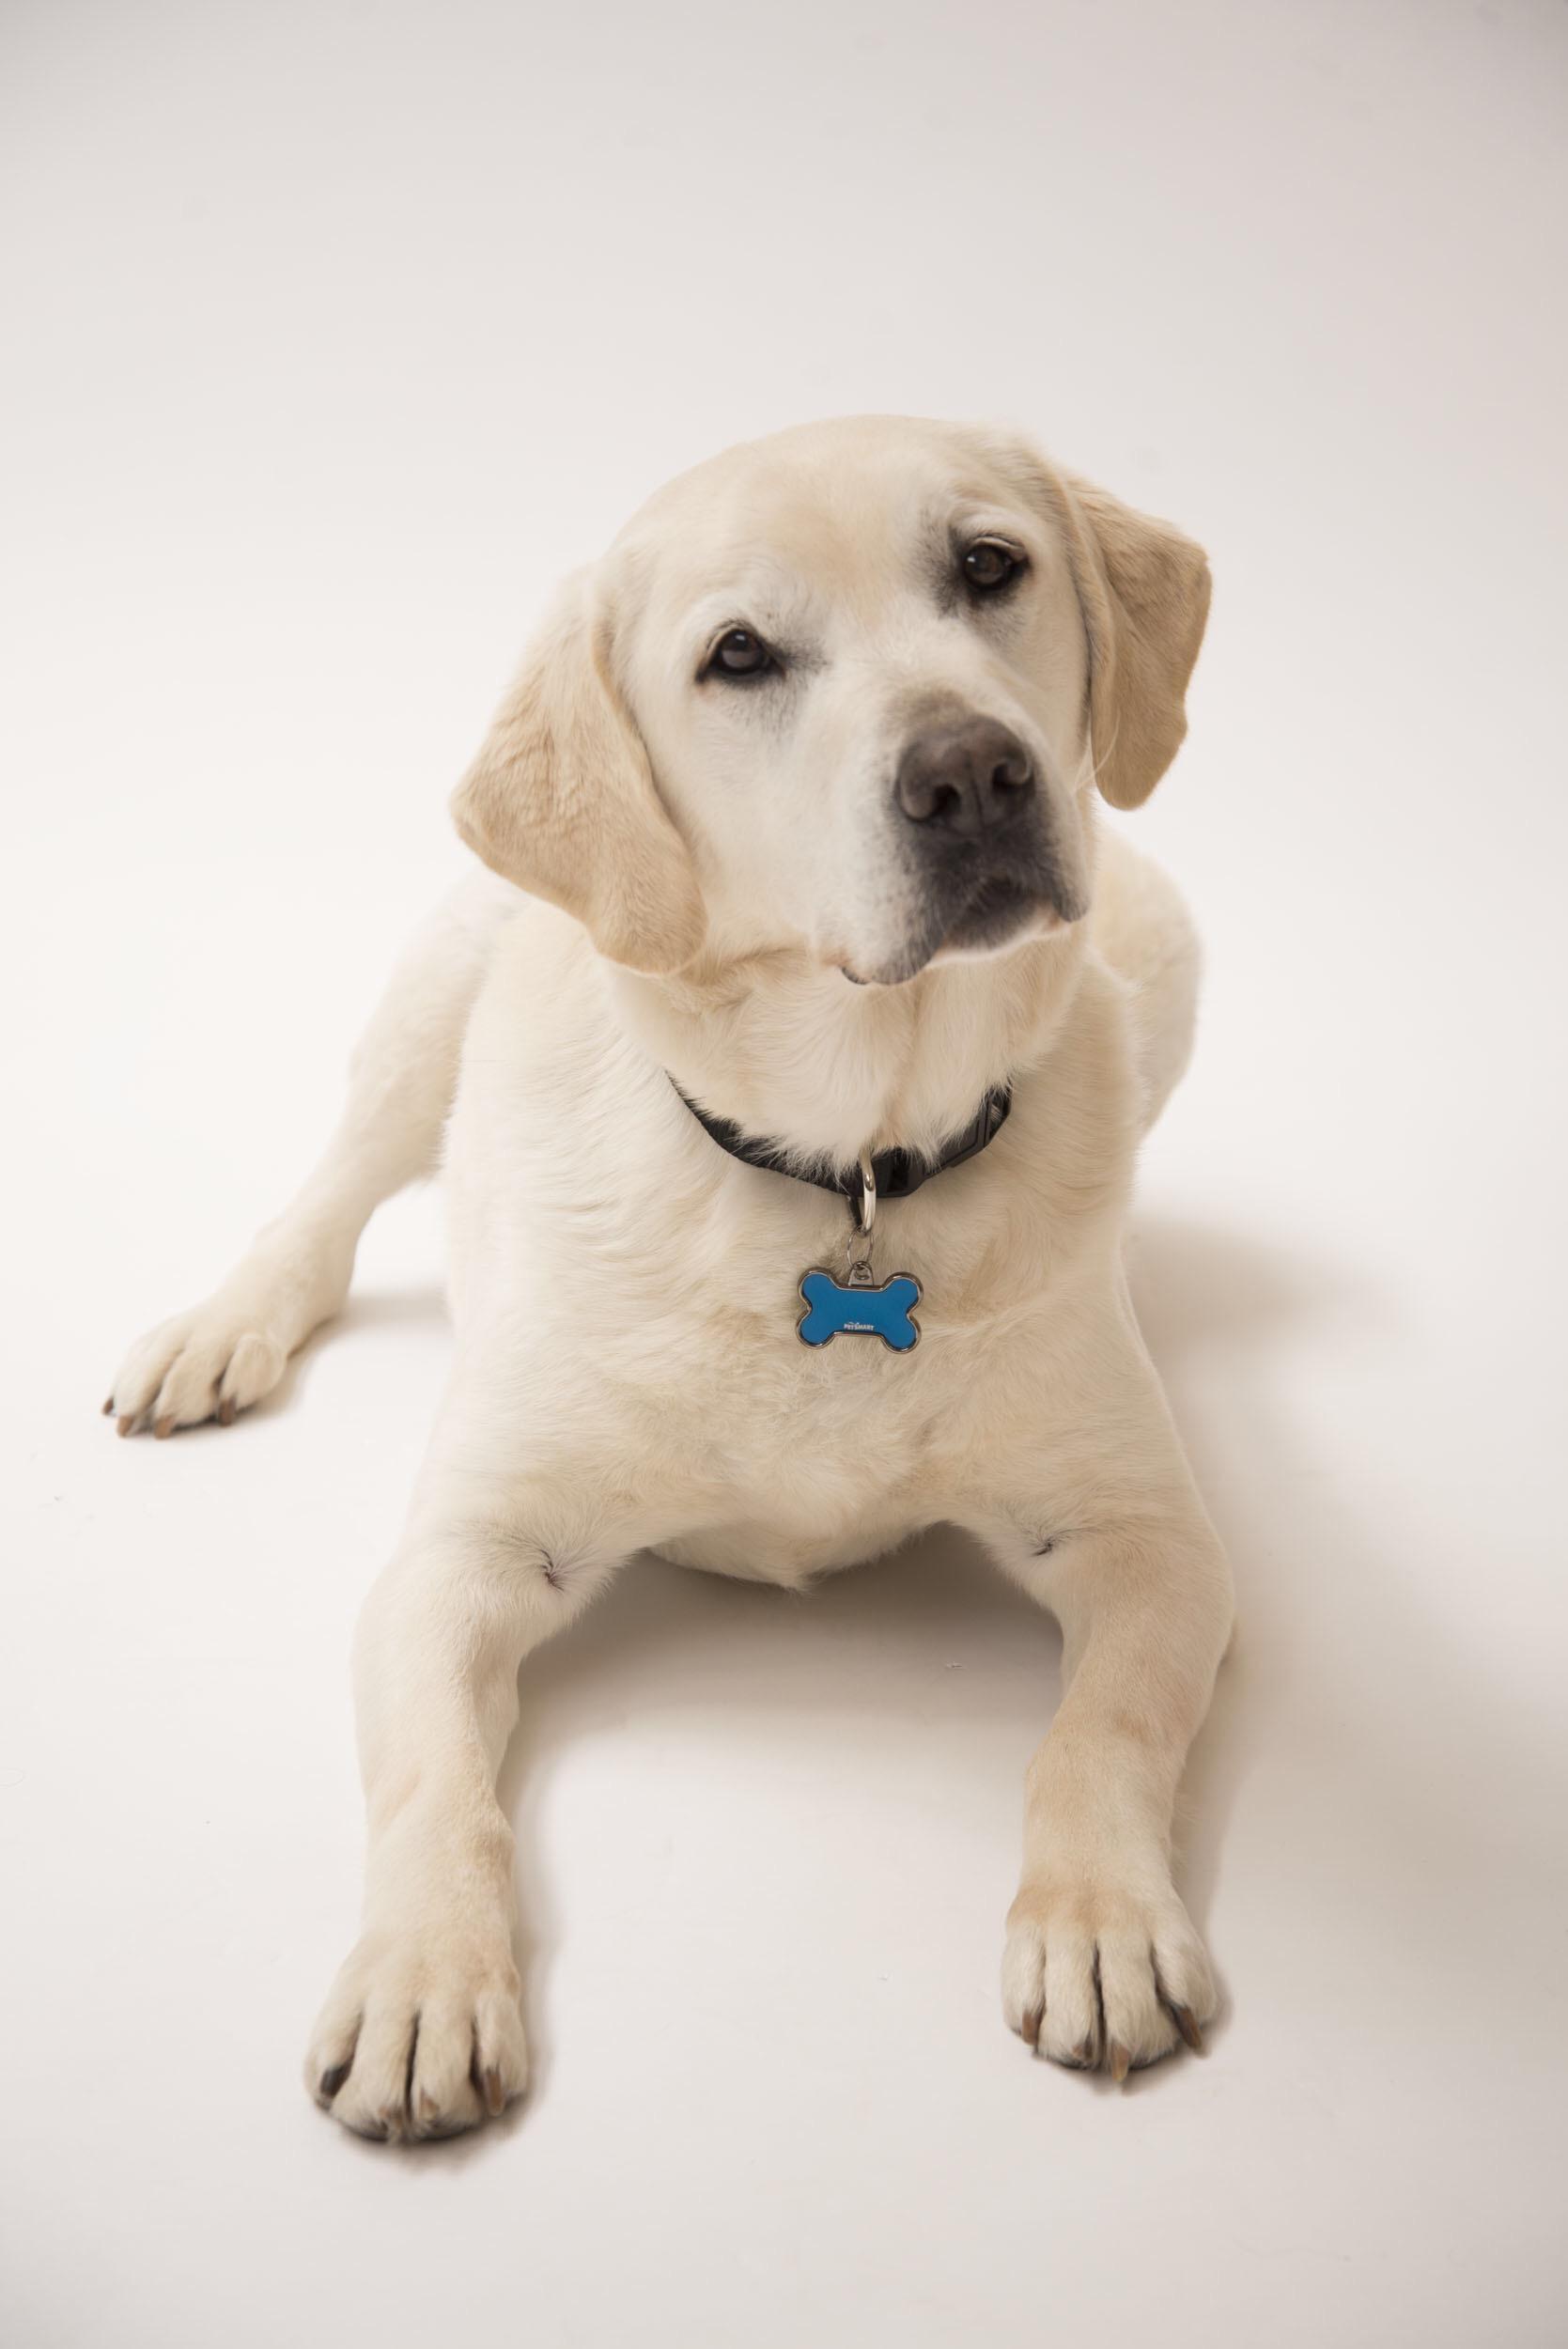 """""""ฮอลลีวู้ด ไทยแลนด์"""" เอาใจคนรักเจ้าตูบสี่ขาส่งหนังรักโรแมนติกคอมเมดี้ชวนหัวเรื่อง """"Who Get The Dog?"""" 6 ตุลาคมนี้ ฮาป่วนเมือง"""